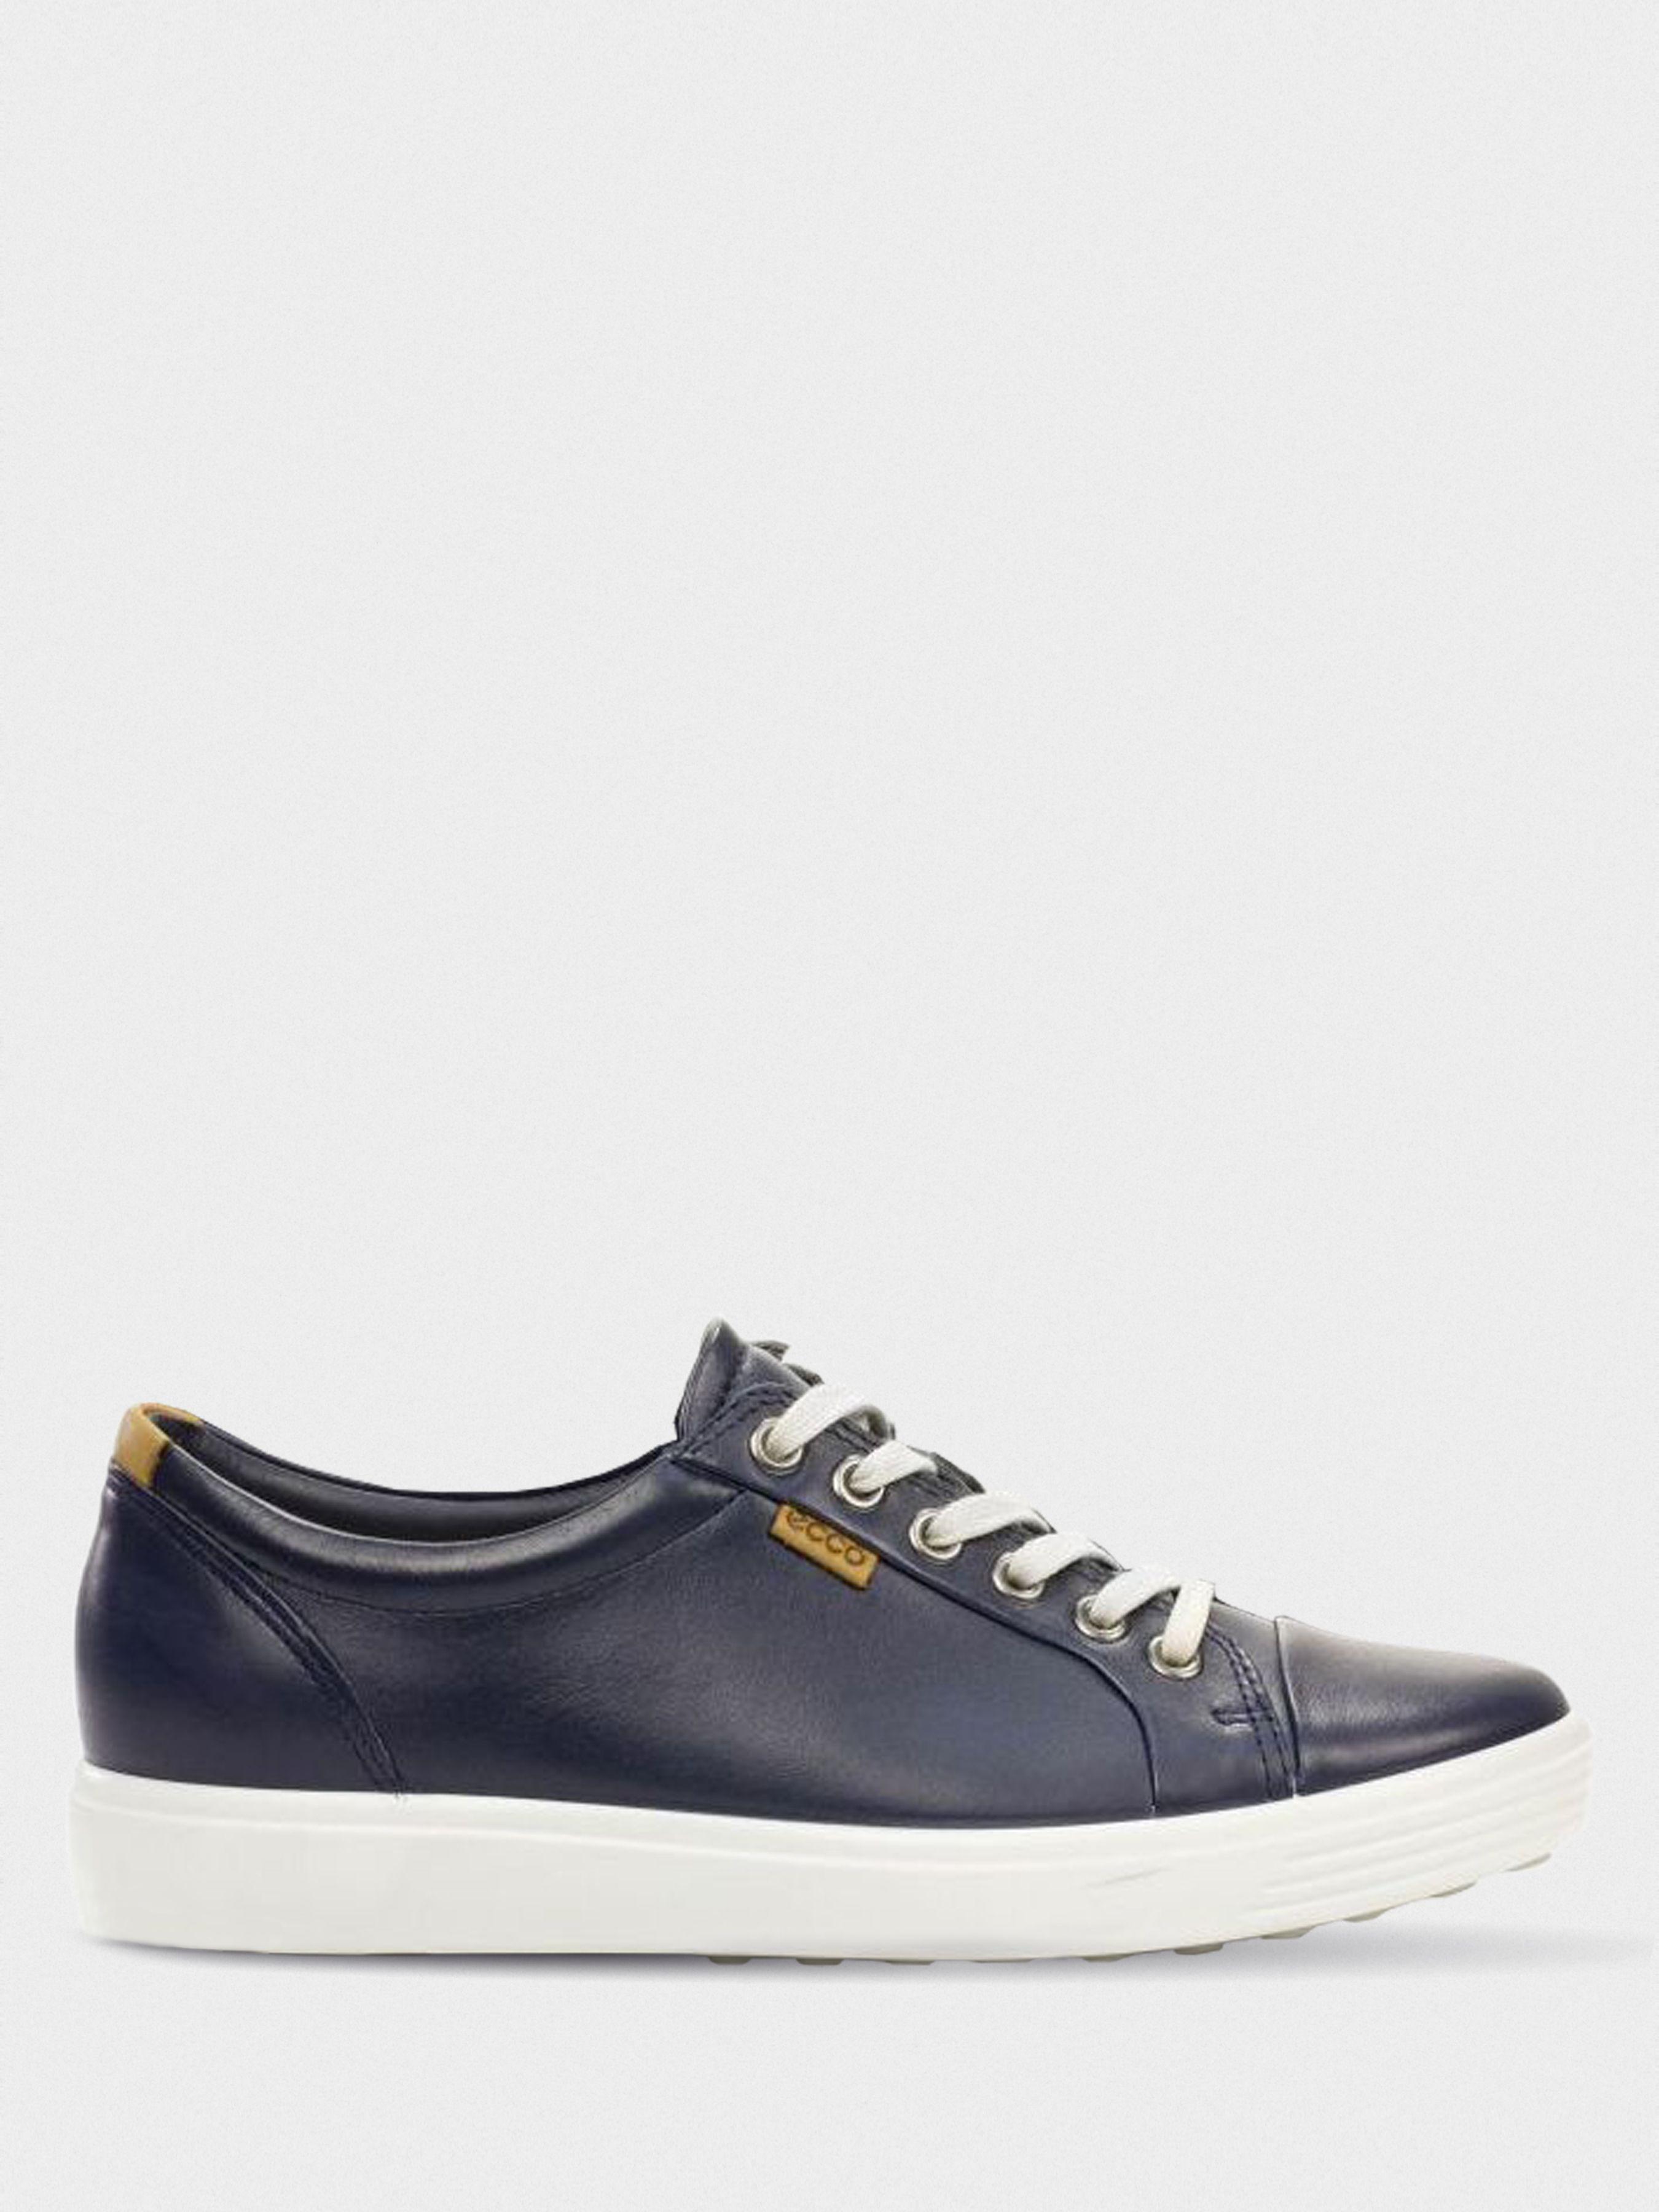 Полуботинки для женщин ECCO SOFT 7 ZW5503 брендовая обувь, 2017